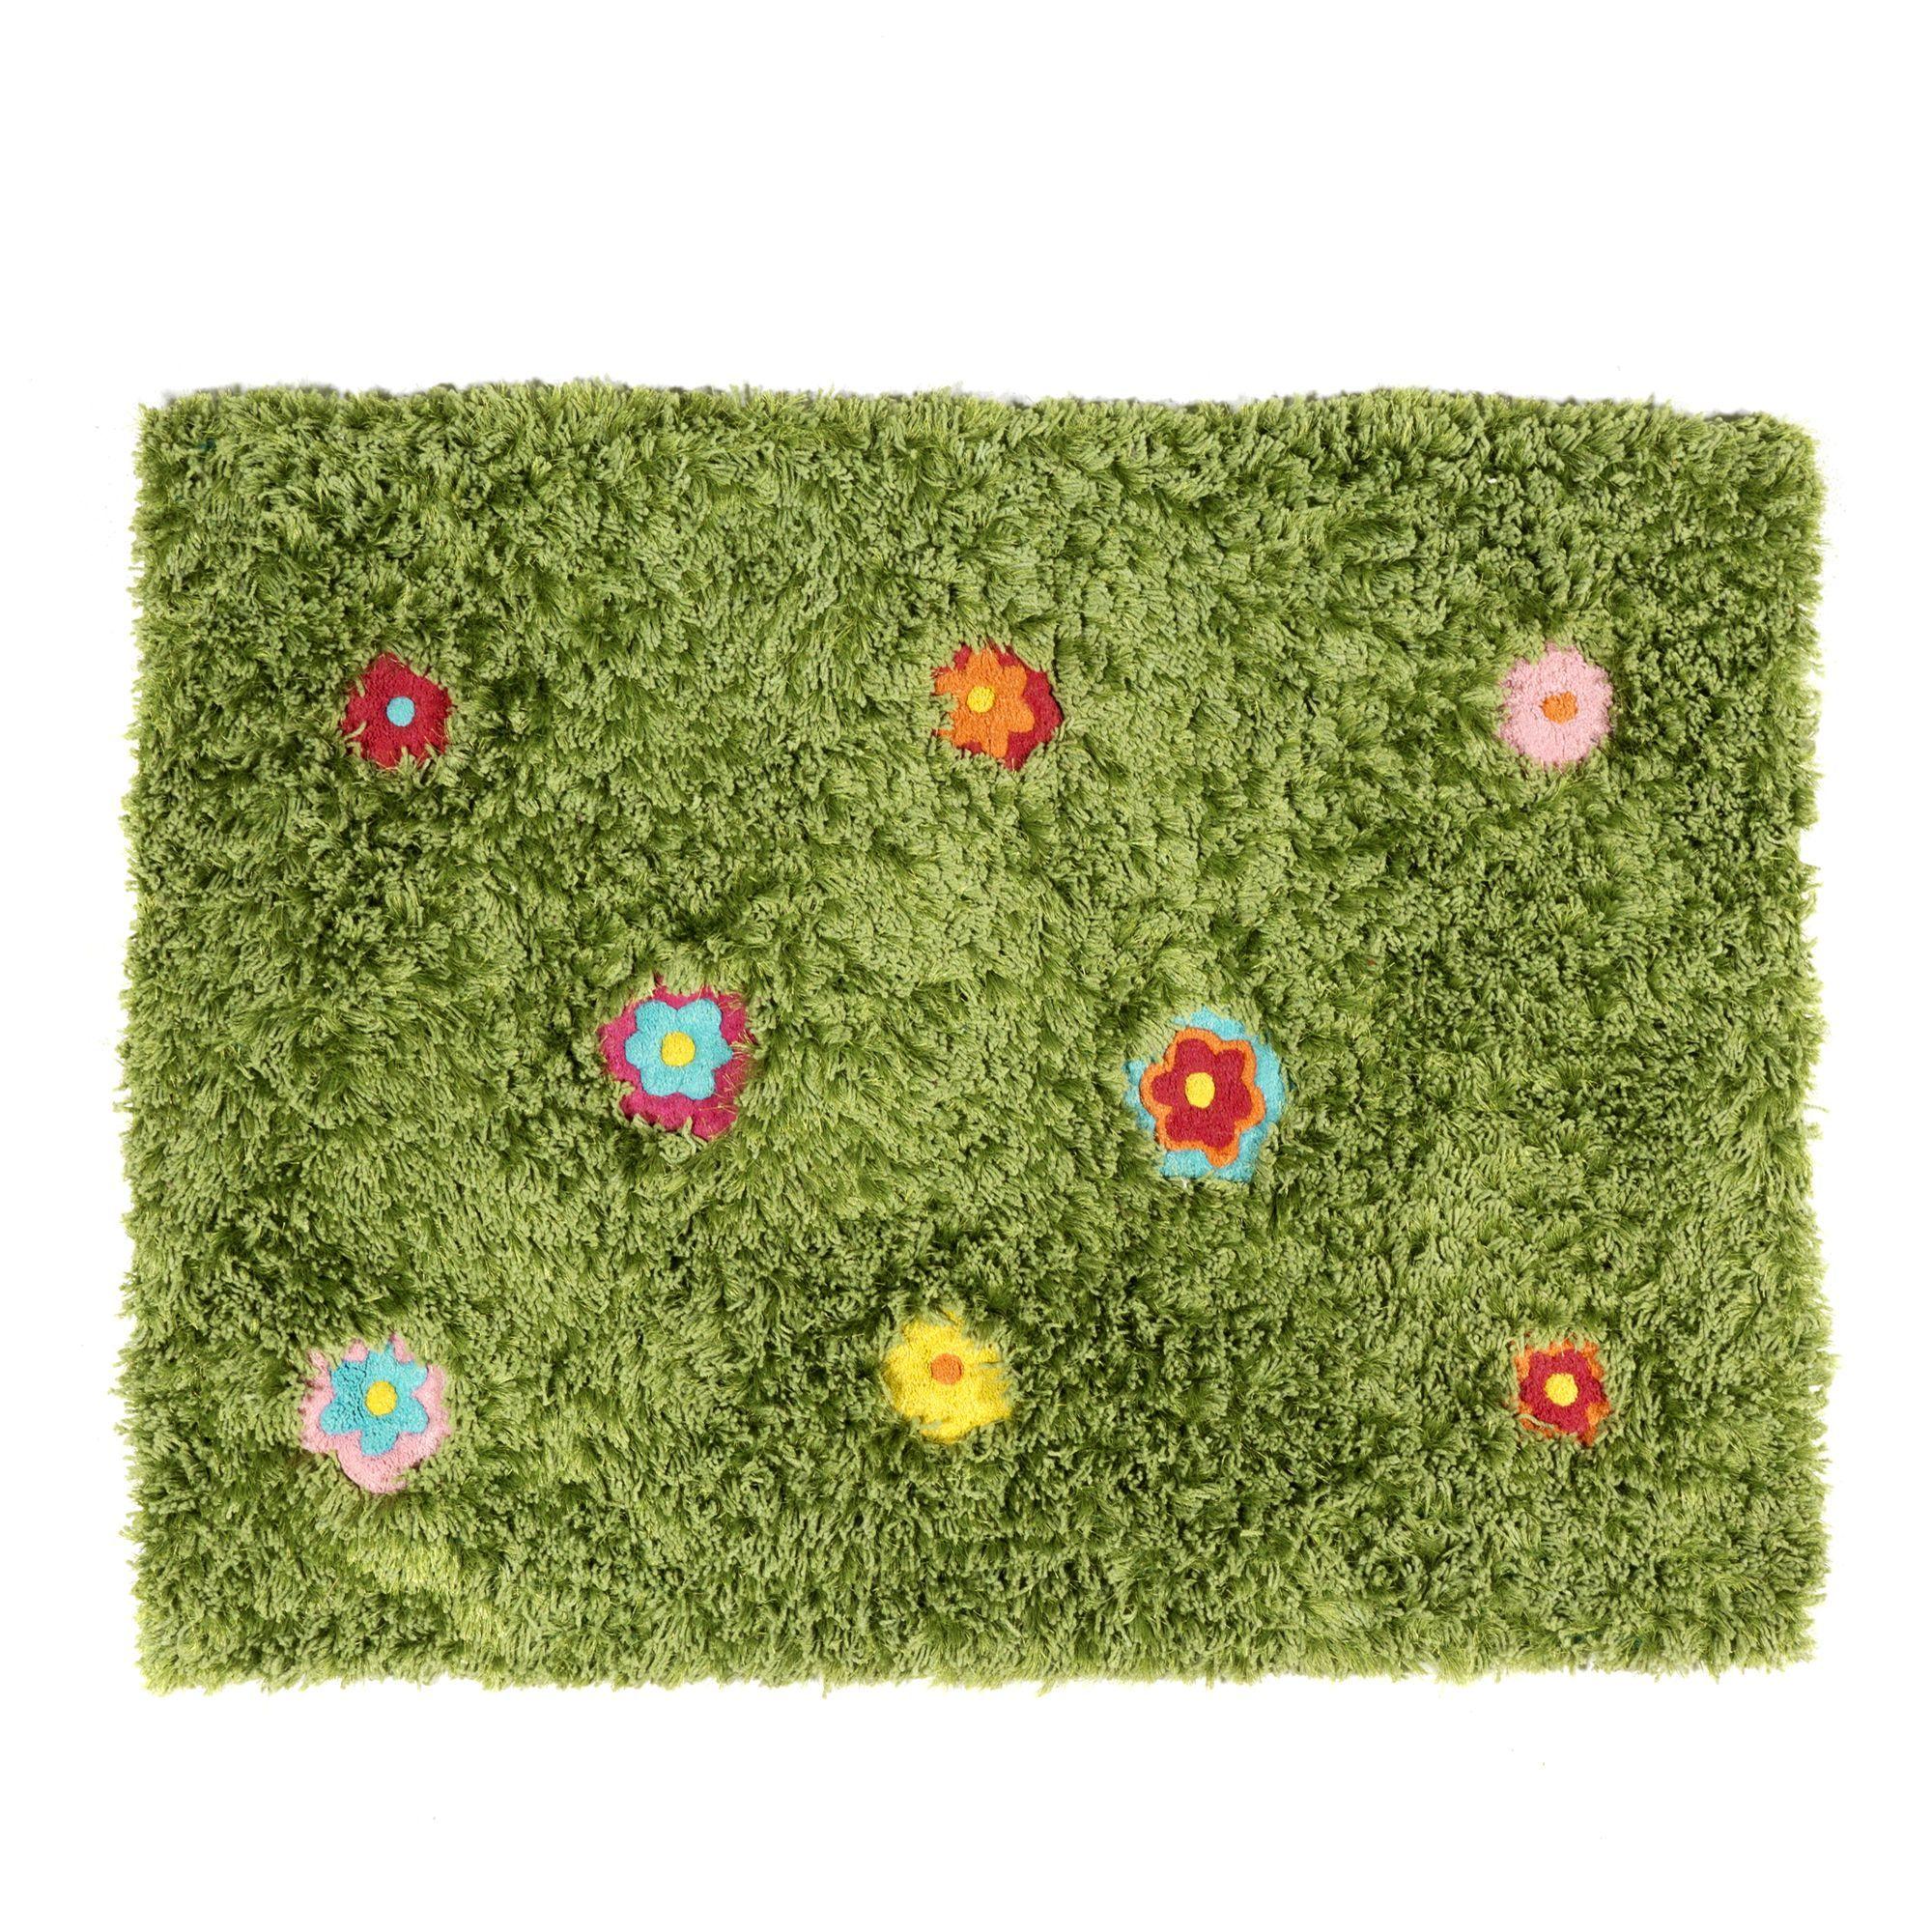 Tapis Enfant Tufte Multicolore My Garden Les Tapis De Chambre D Enfants Les Tapis Rideaux Et Mobilier De Salon Meuble Deco Deco Chambre Enfant